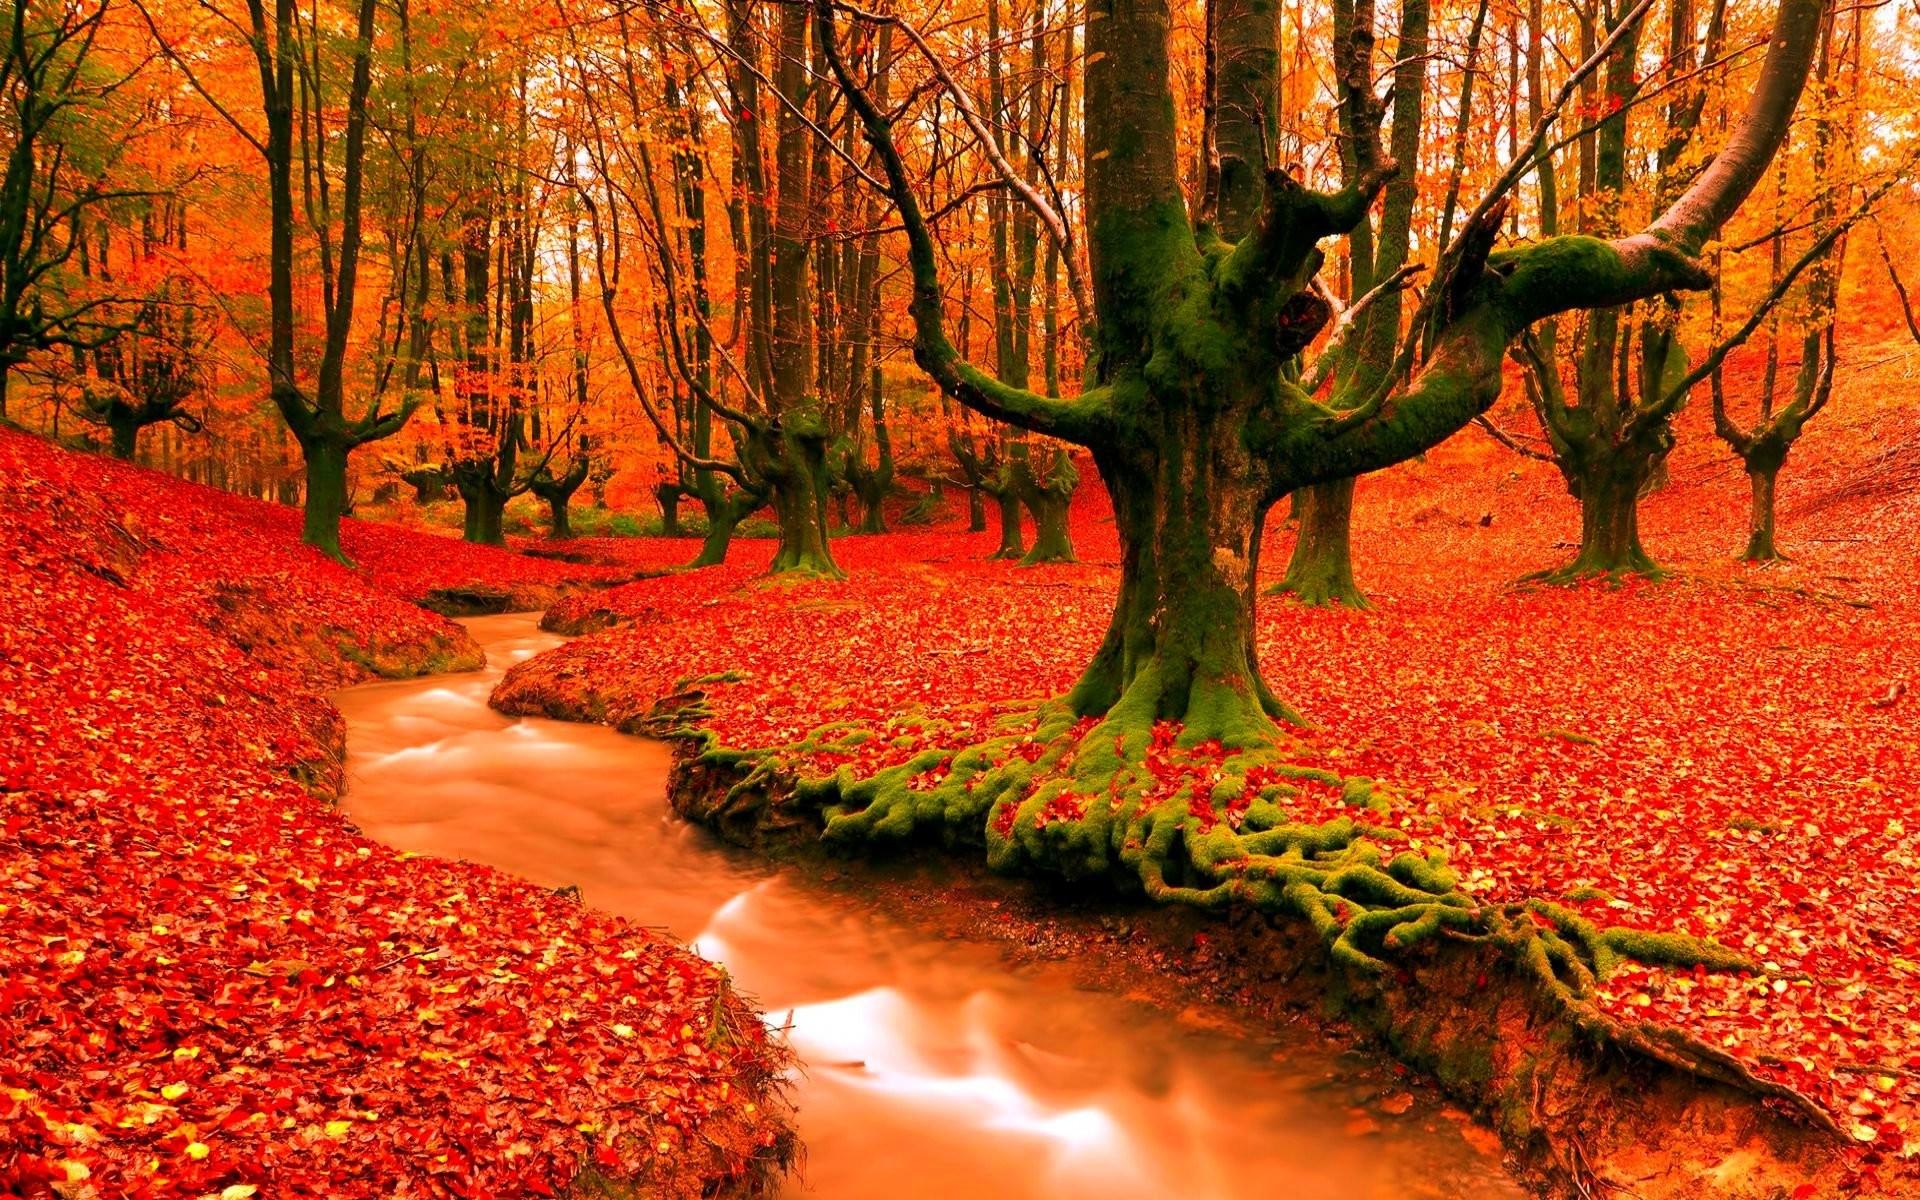 autumn season - photo #26